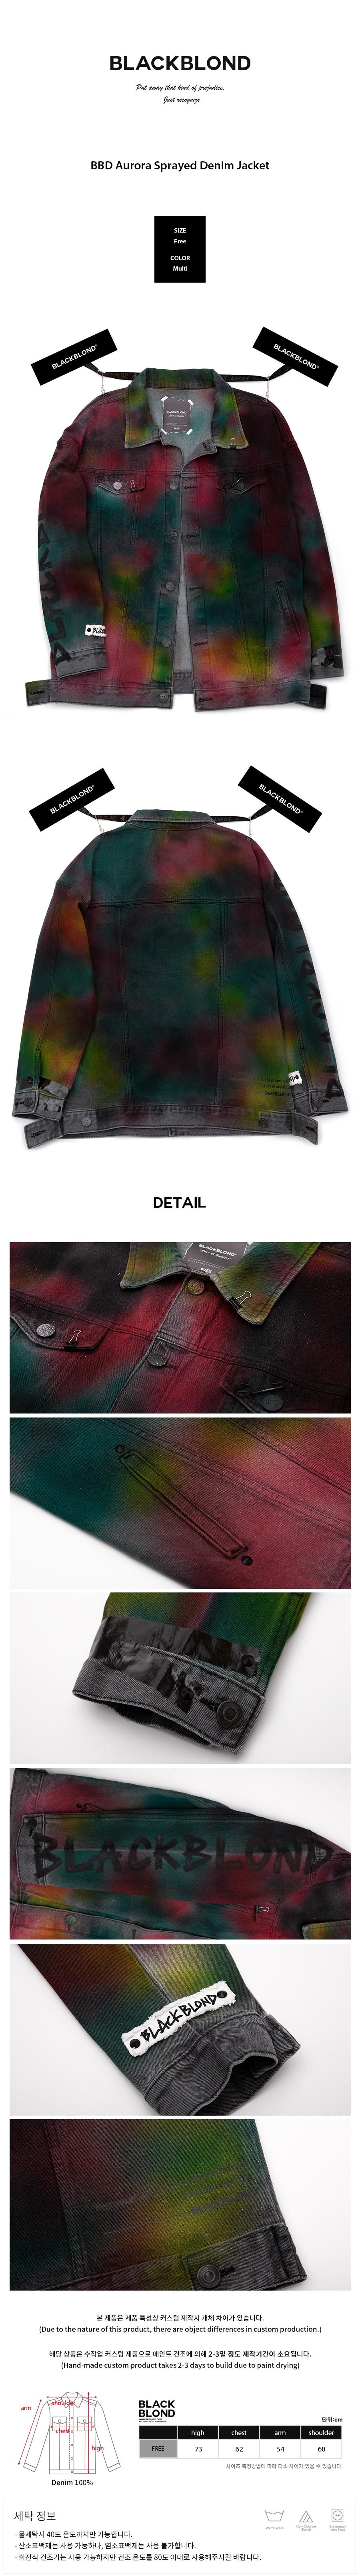 BBD-Aurora-Sprayed-Denim-Jacket-%28Multi%29.jpg